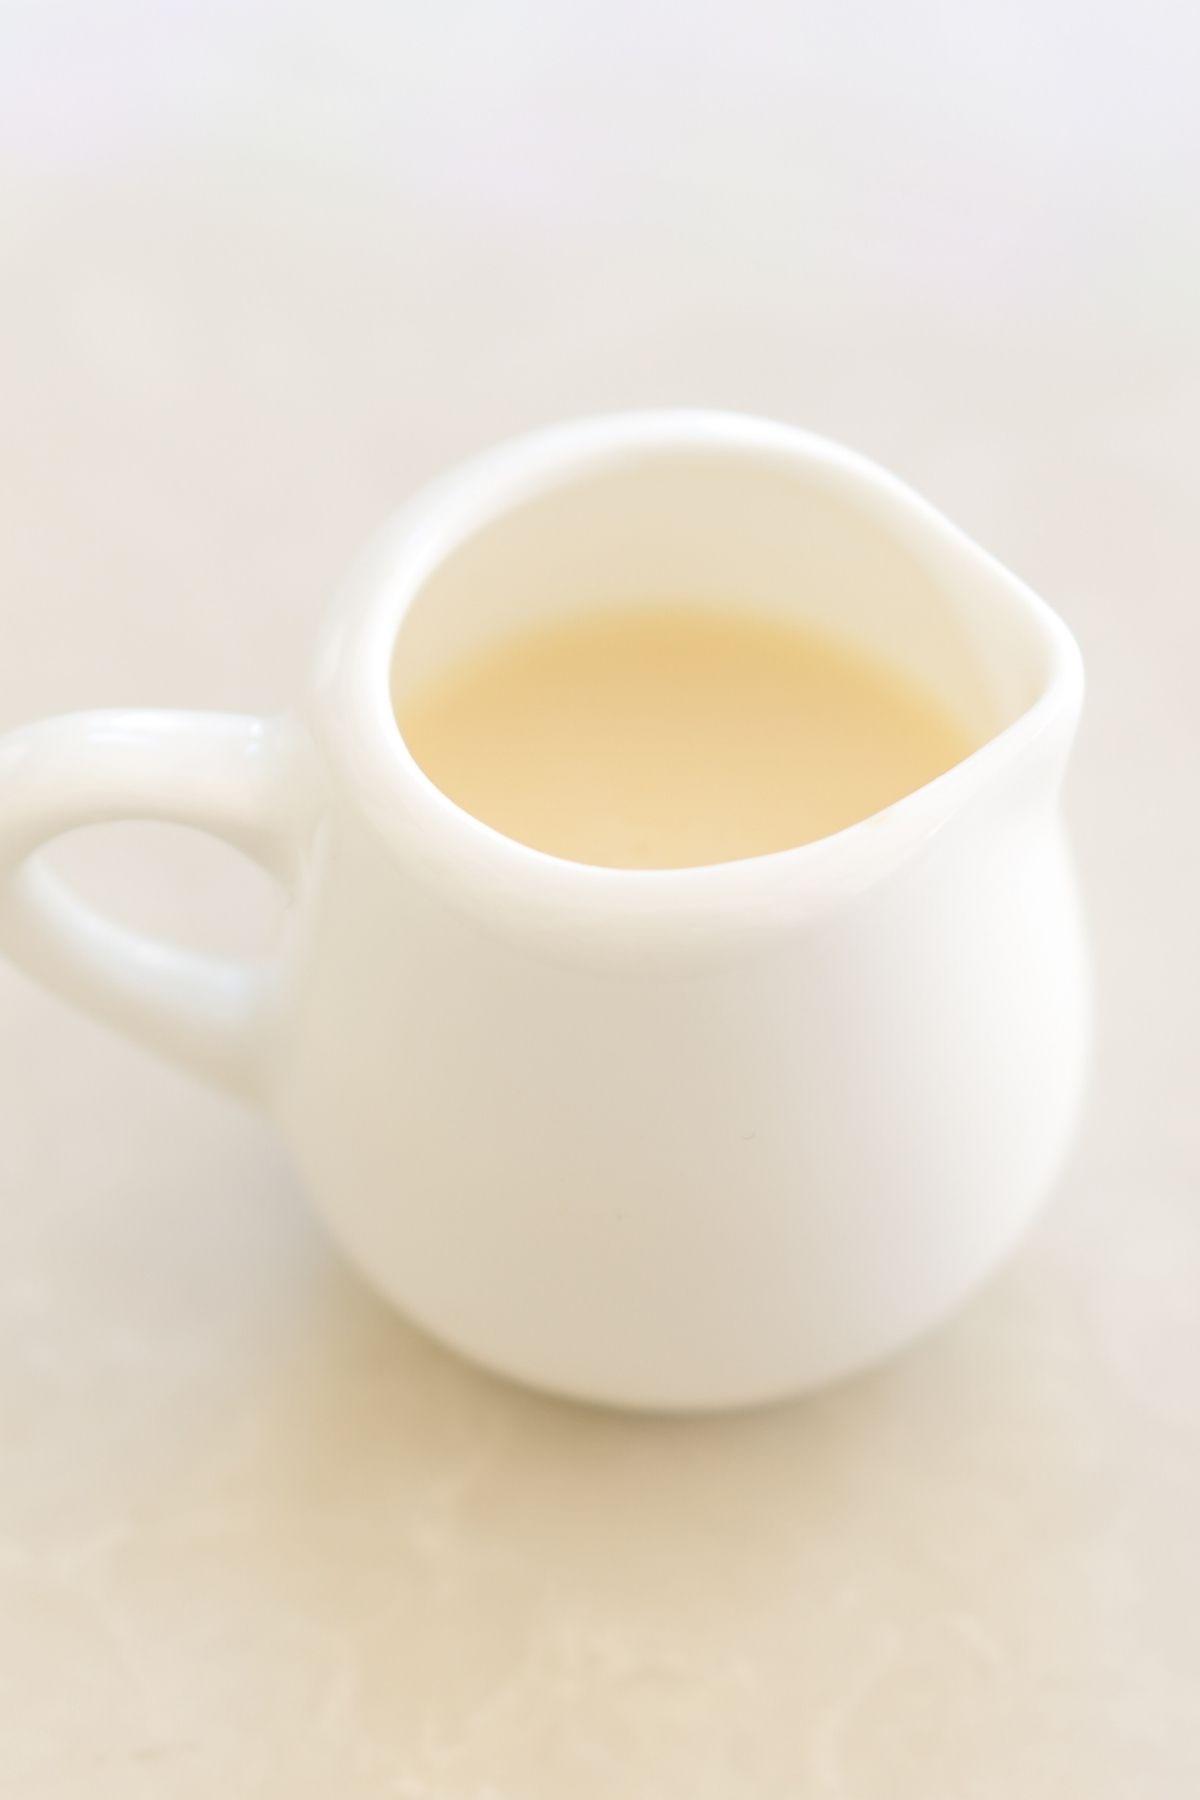 Vanilla sweet cream in a white jar.